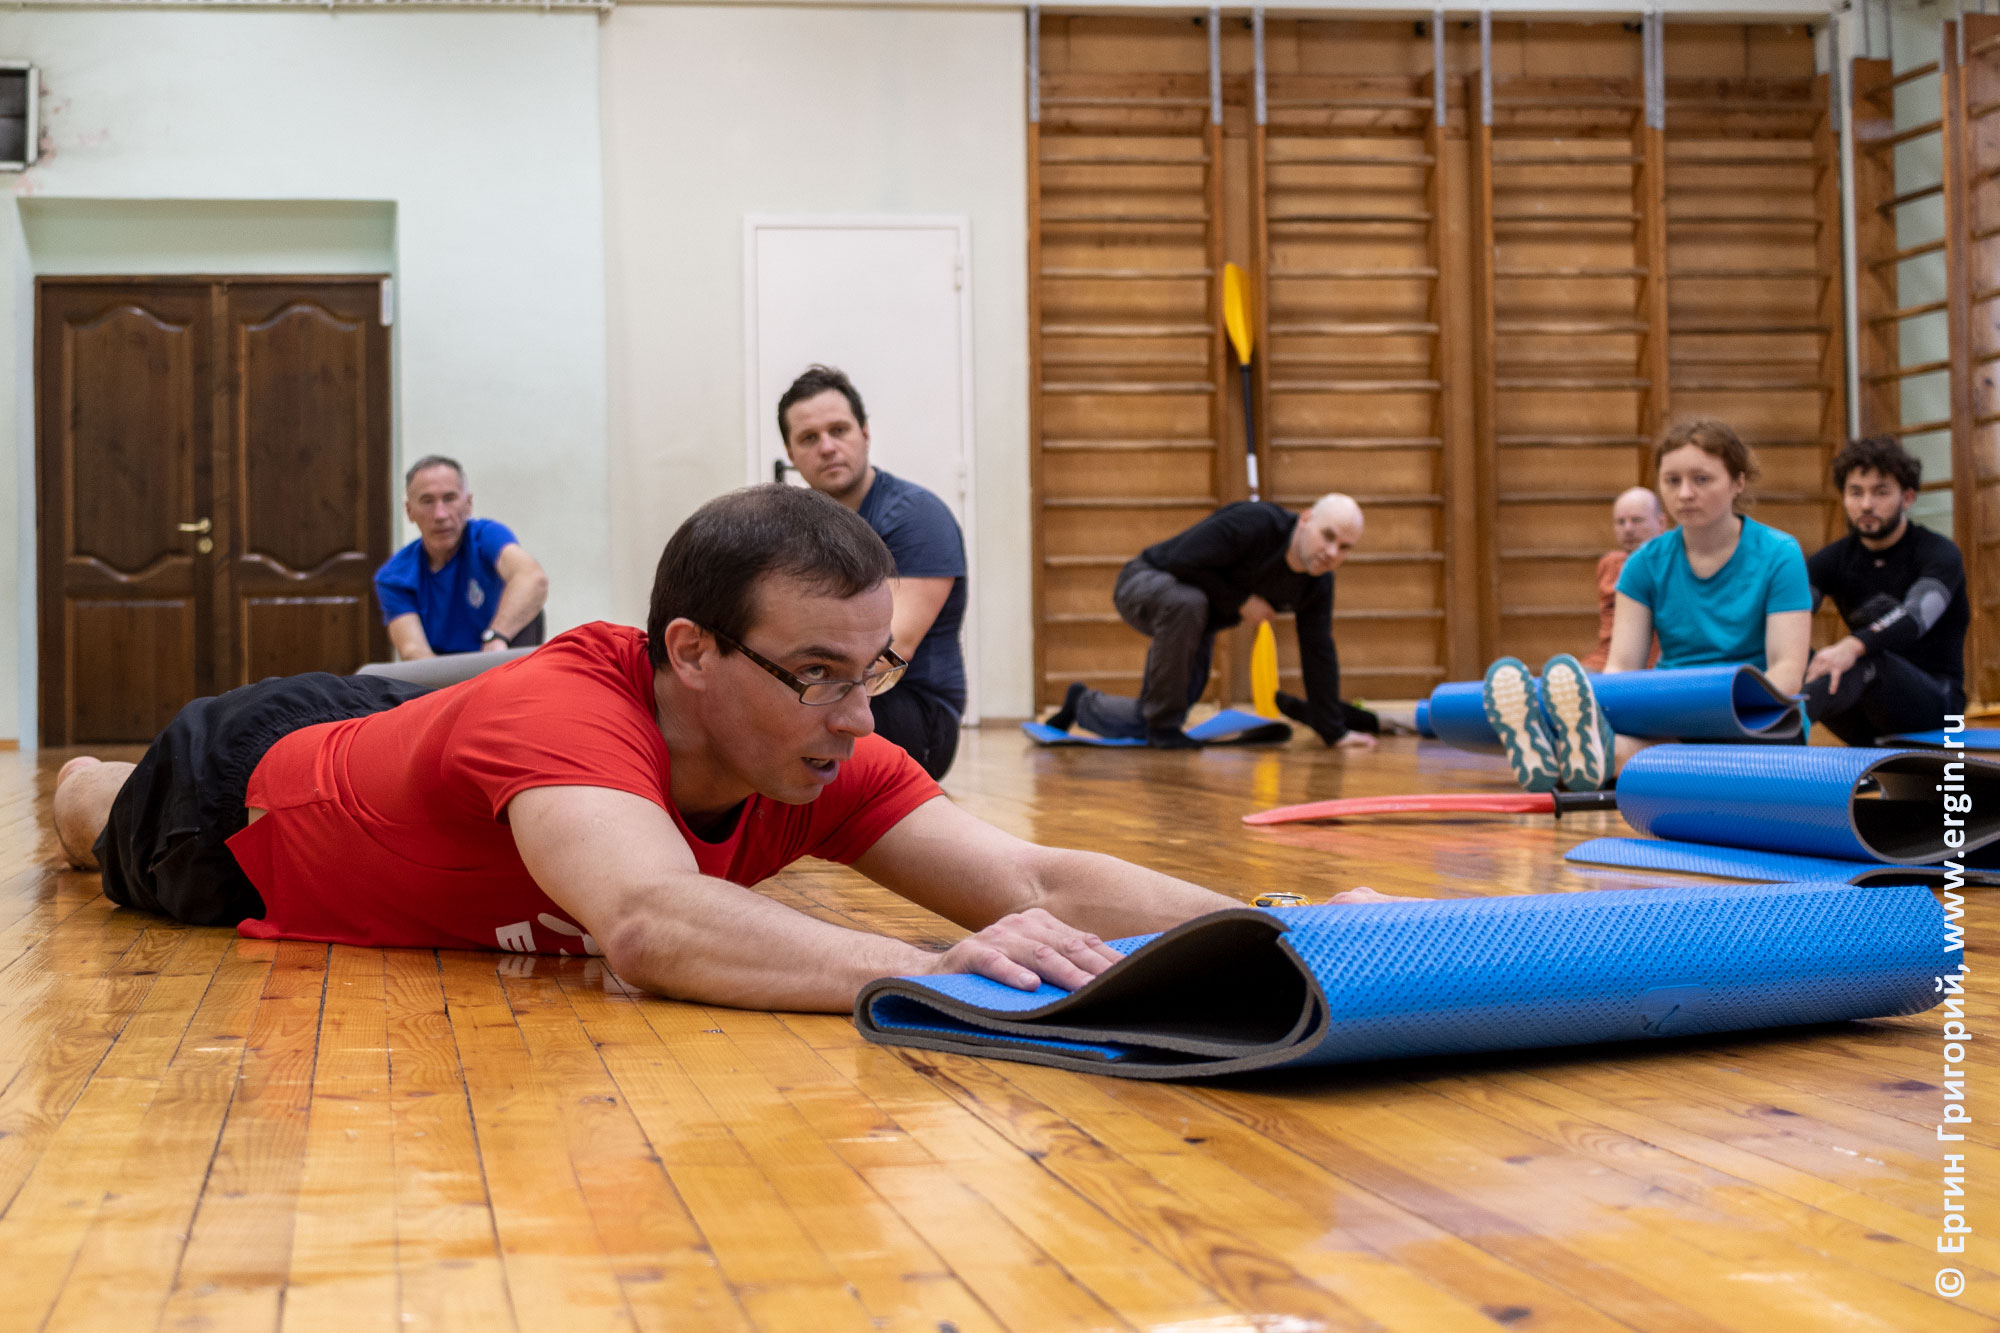 Инструктор показывает упражнения на суше для изучения вставания на каяке